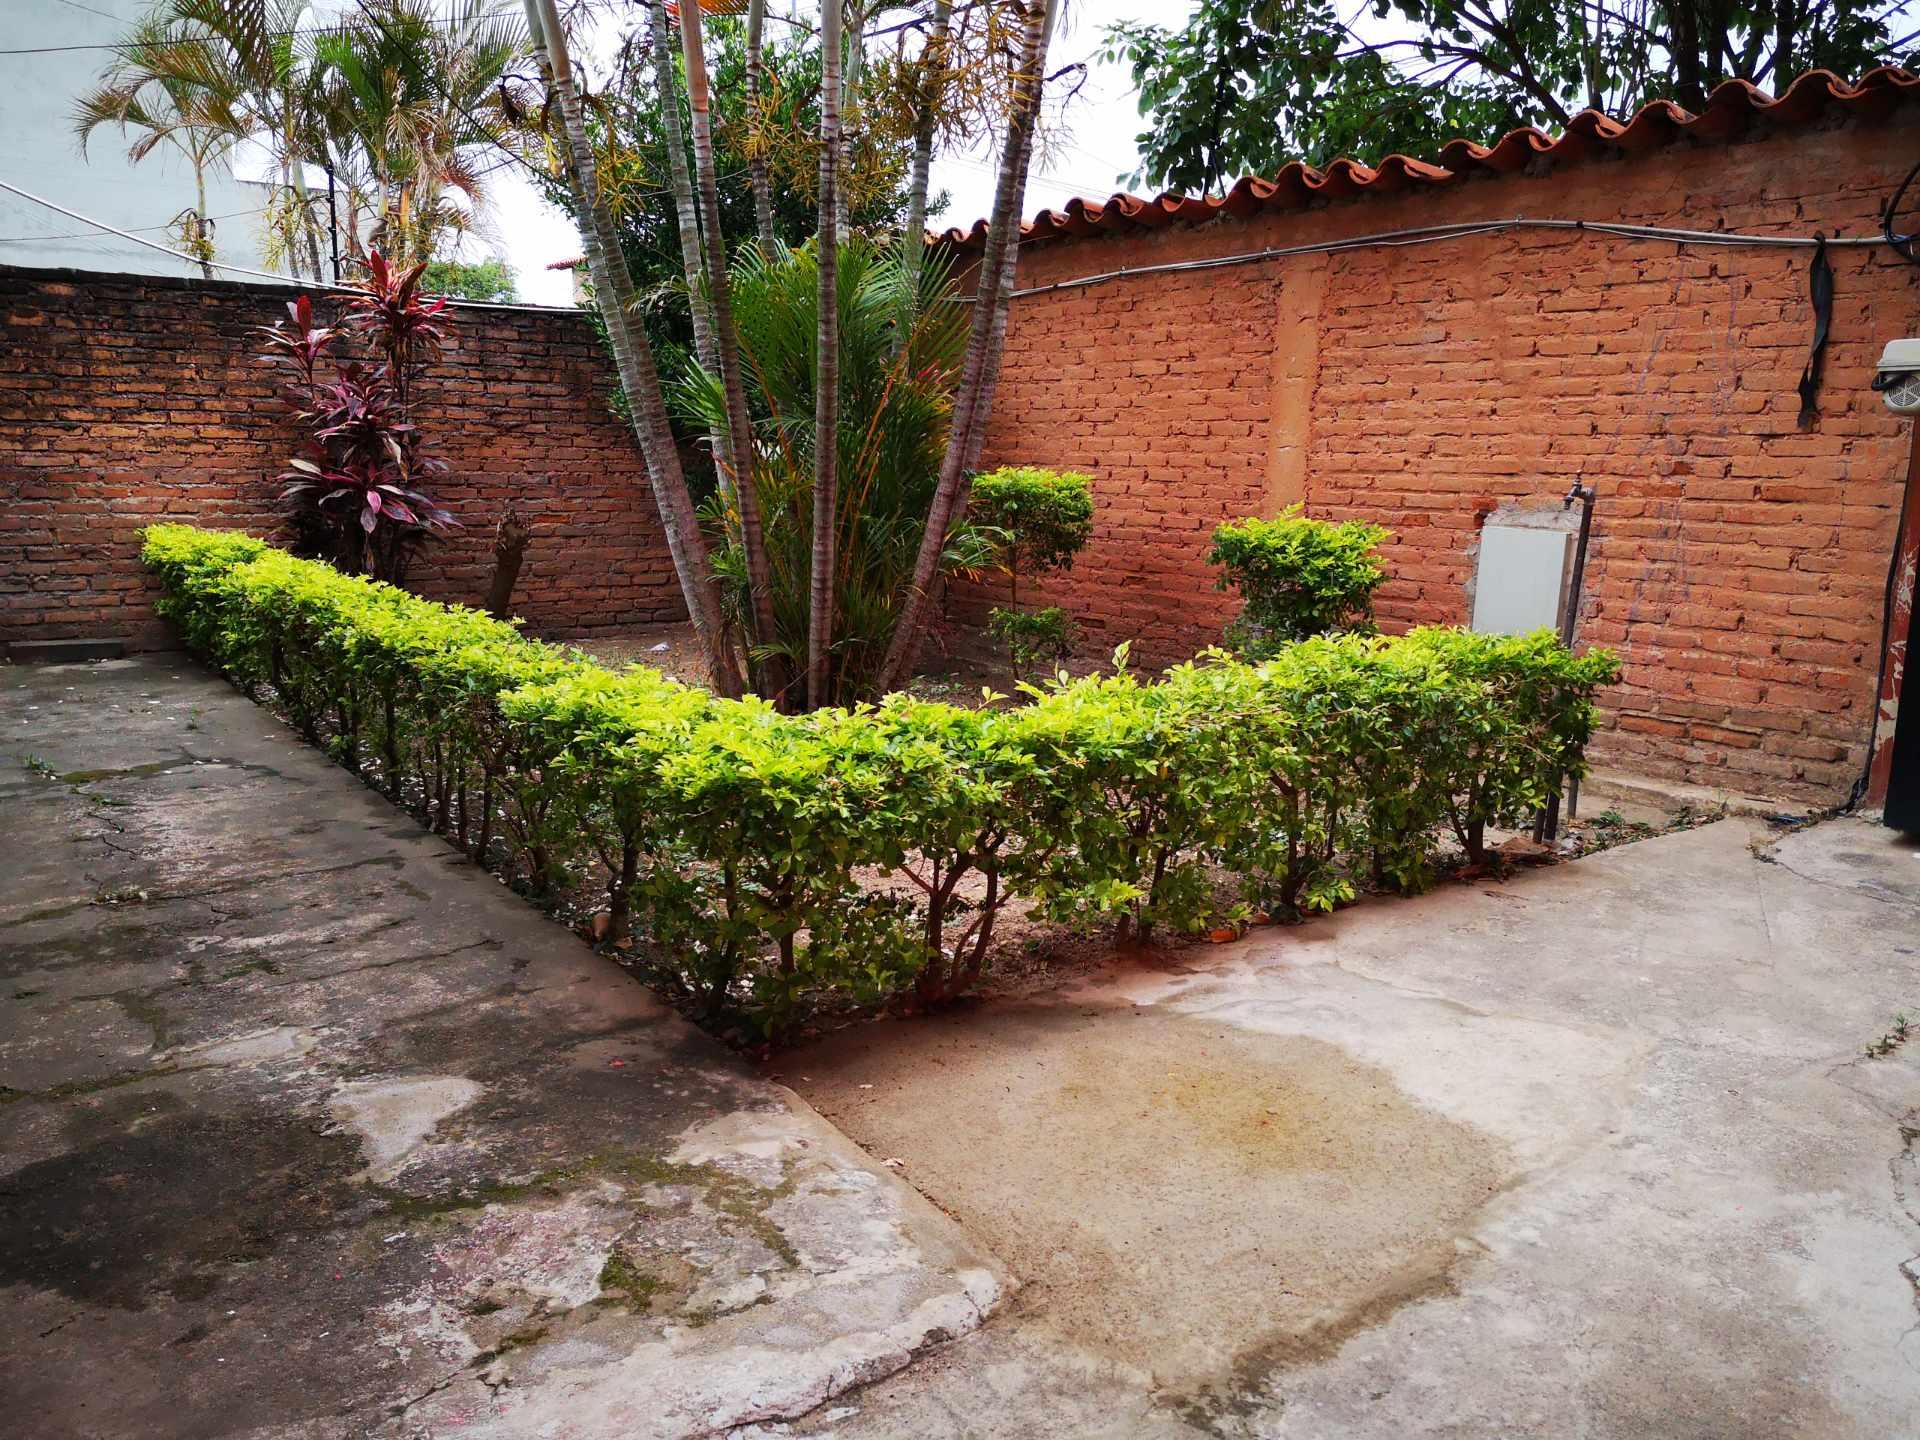 Casa en Alquiler Entre 4to y 5to anilo, entre Radial 10 y Av Sudamericana Calle Asoka Foto 3